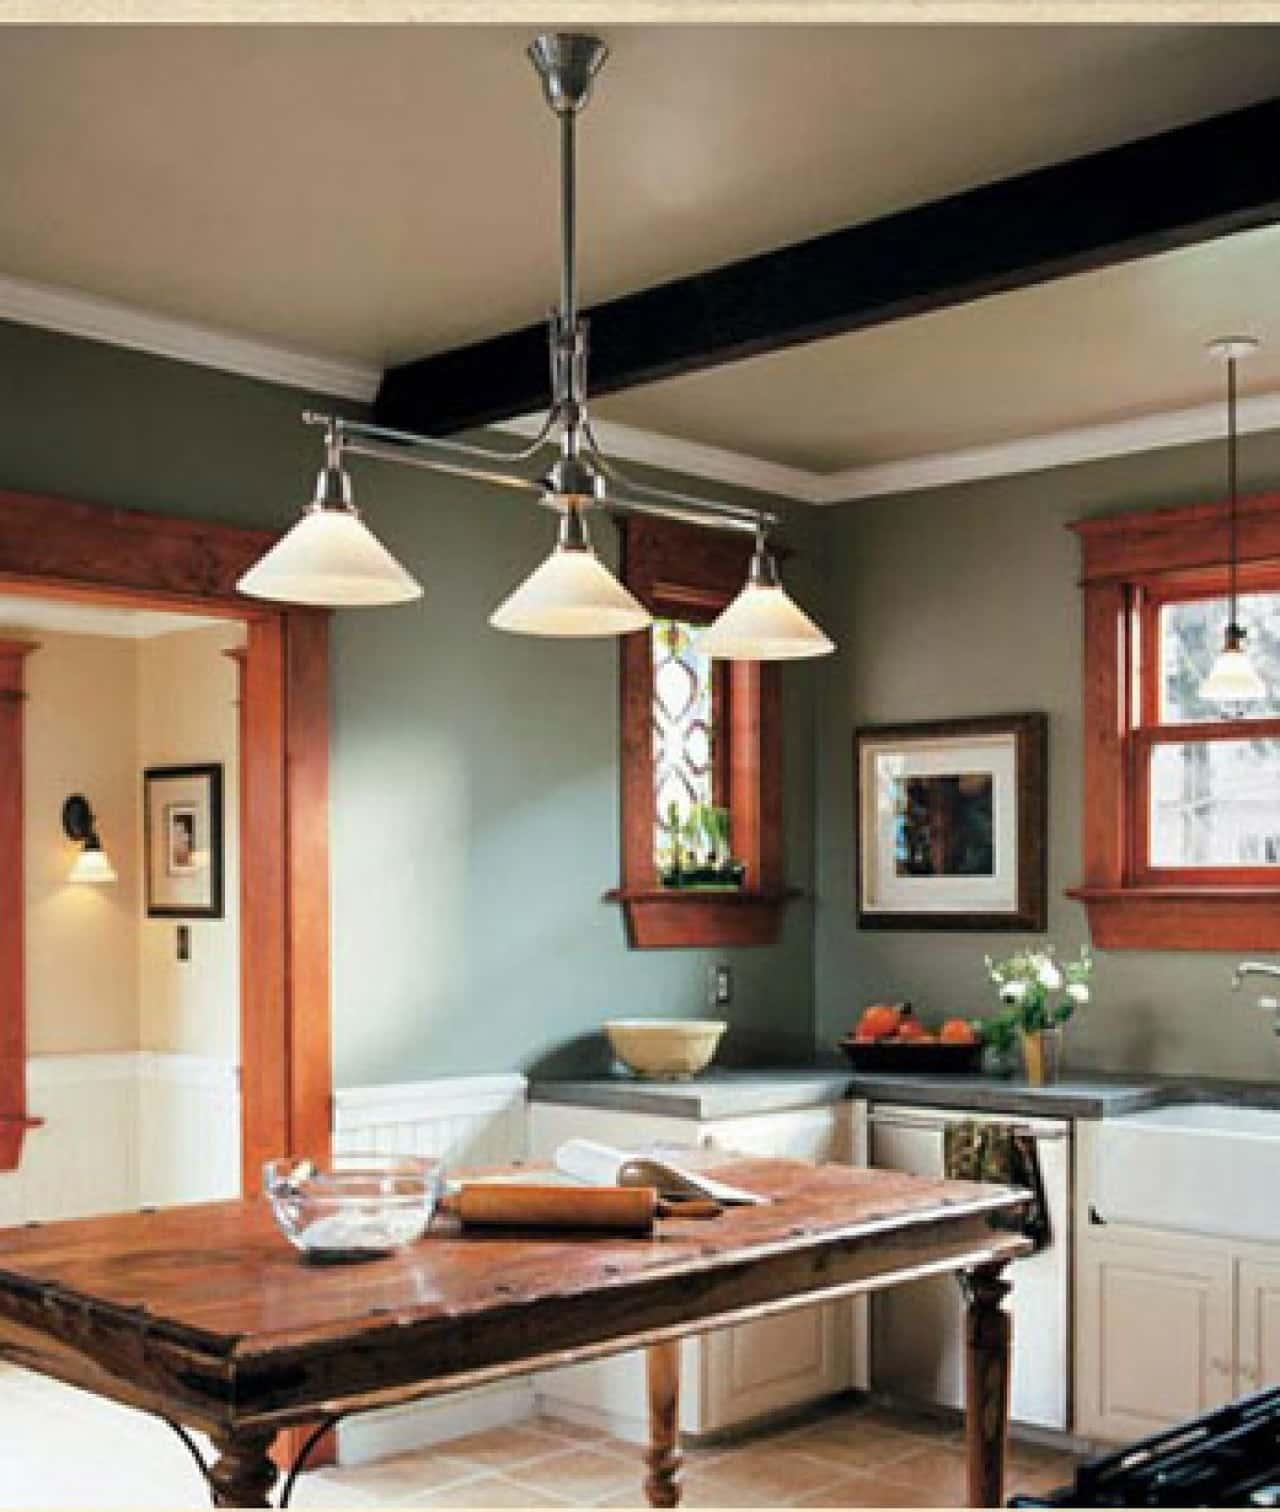 Kitchen Lighting Fixtures Ideas lighting designs for kitchens. lighting ideas for kitchen 11